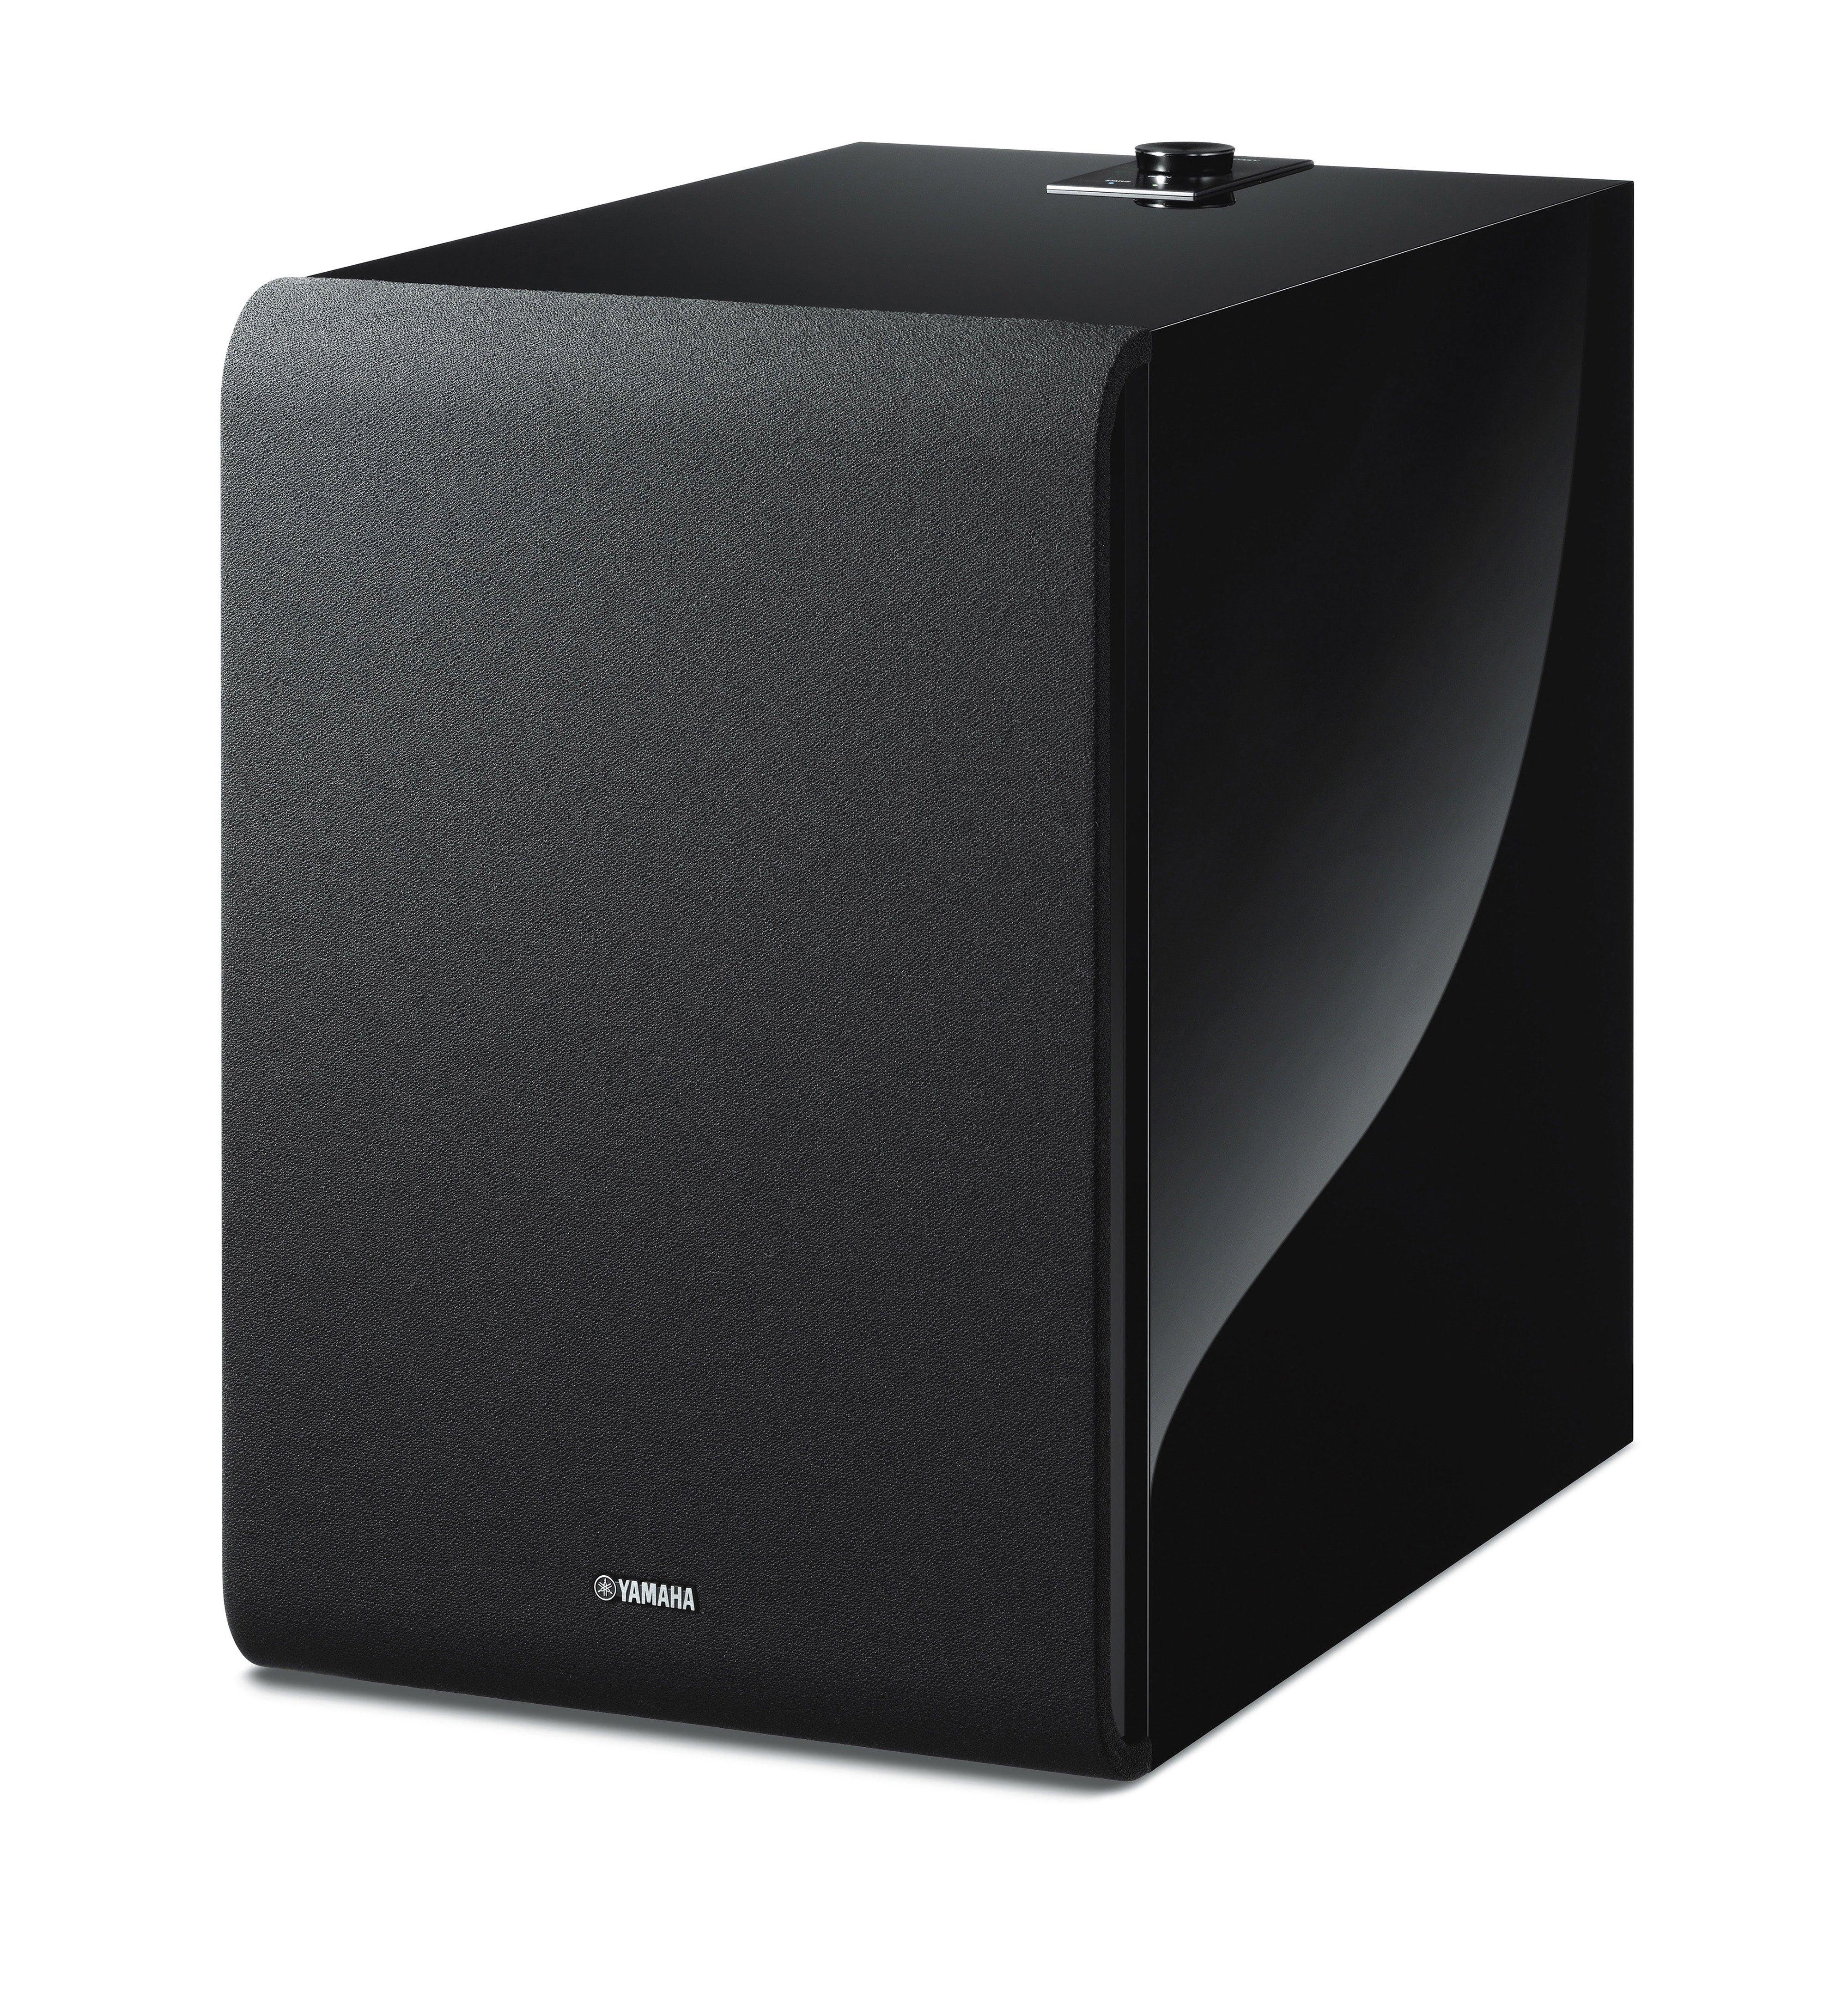 MusicCast SUB 100 - Översikt - Högtalare - Ljud   Bild - Produkter ... 0bde18abc4164